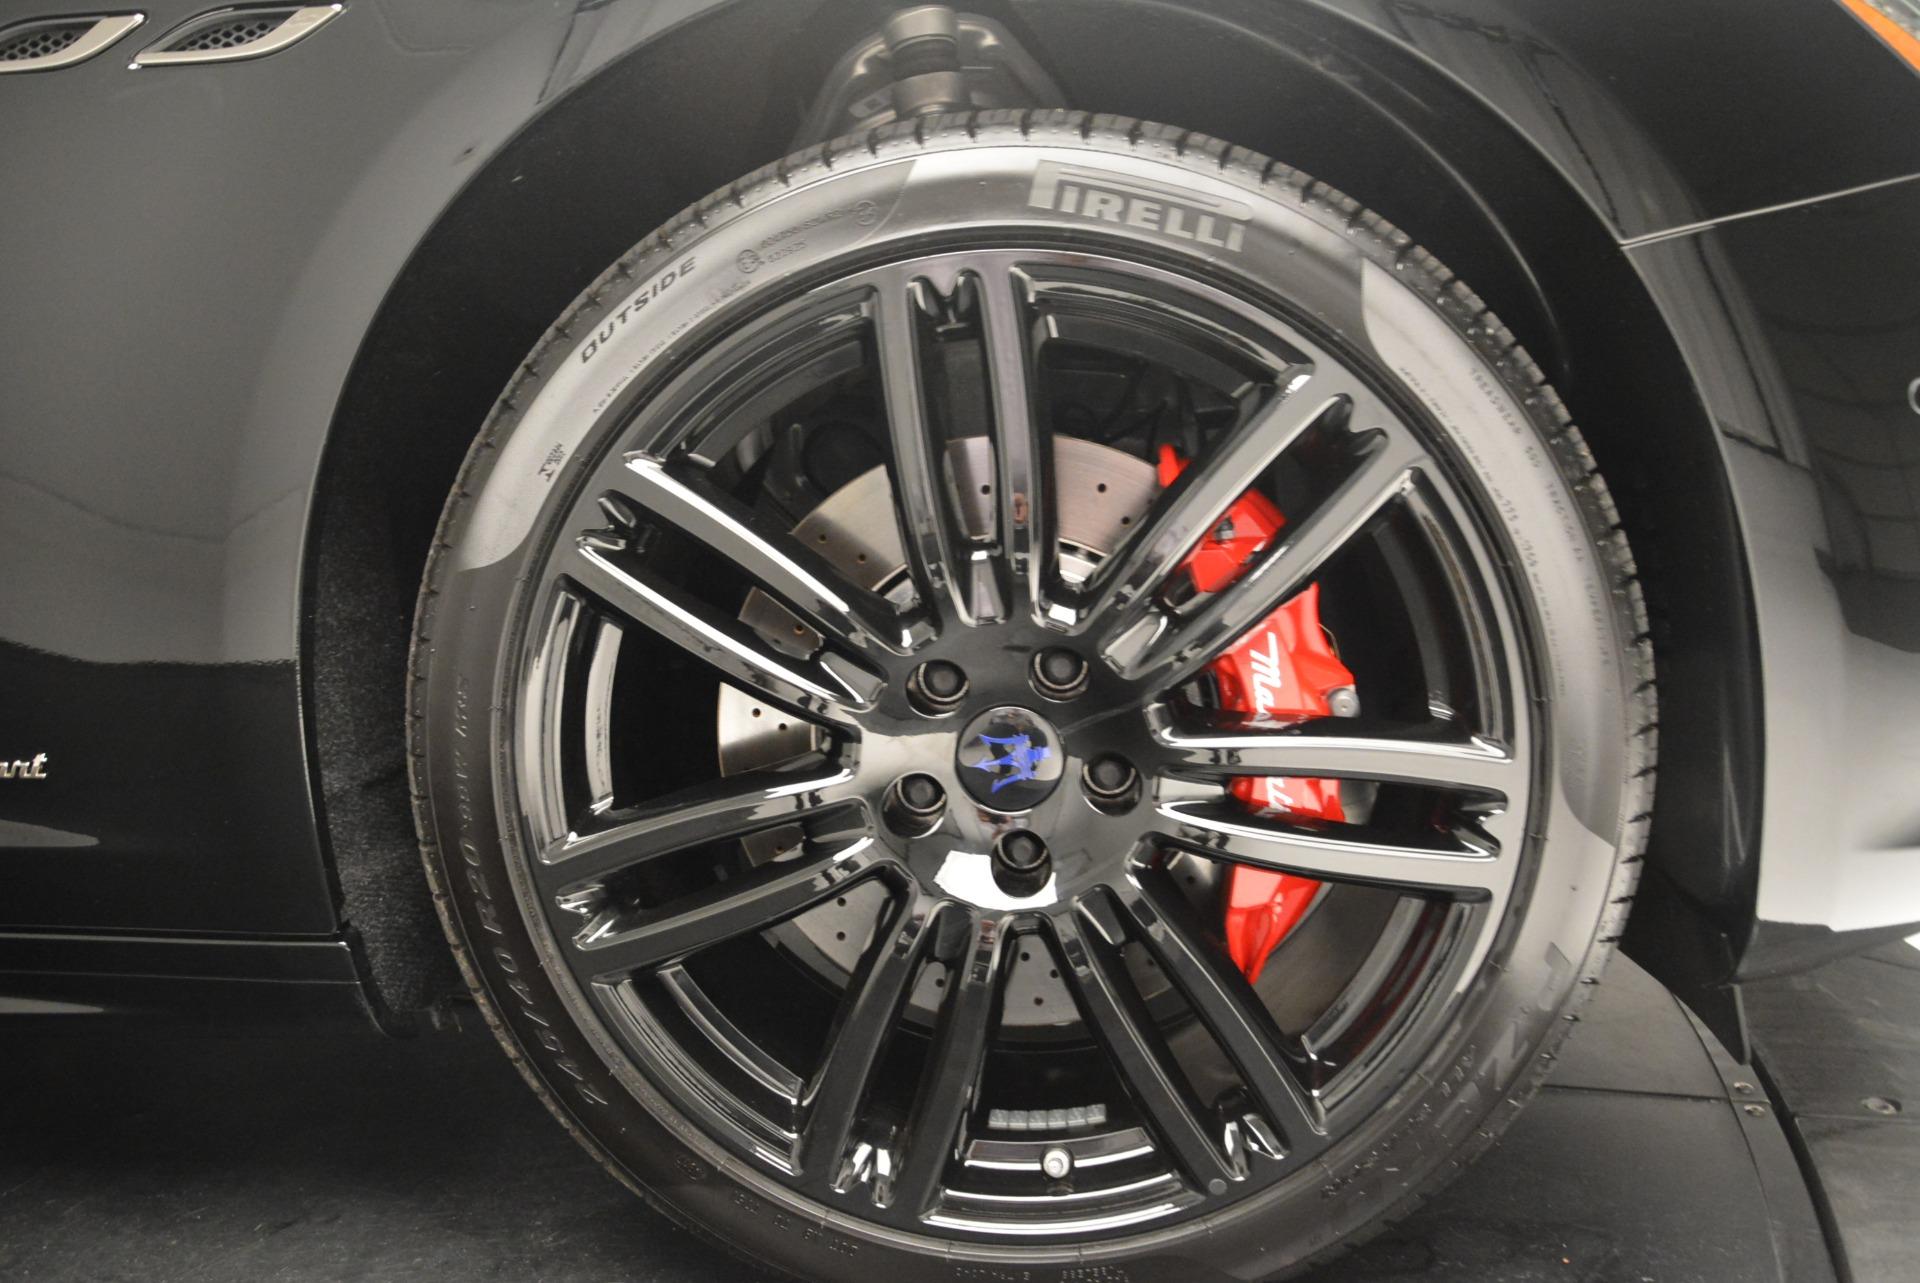 New 2018 Maserati Ghibli SQ4 GranSport Nerissimo For Sale In Greenwich, CT 2366_p25